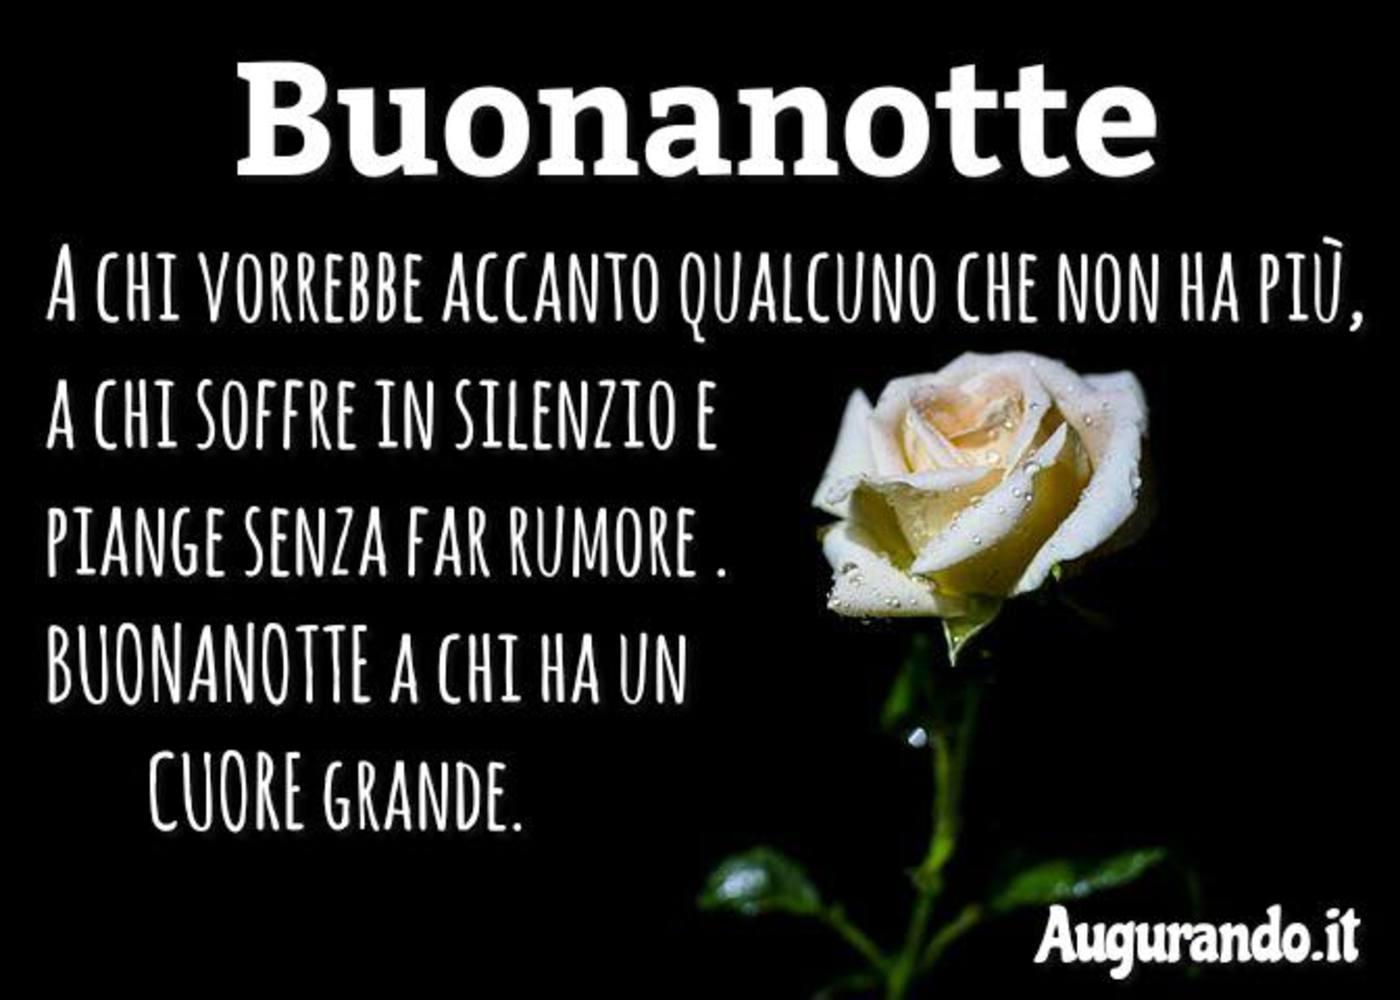 Belleimmagini-di-buonanotte-per-facebook-e-whatsapp